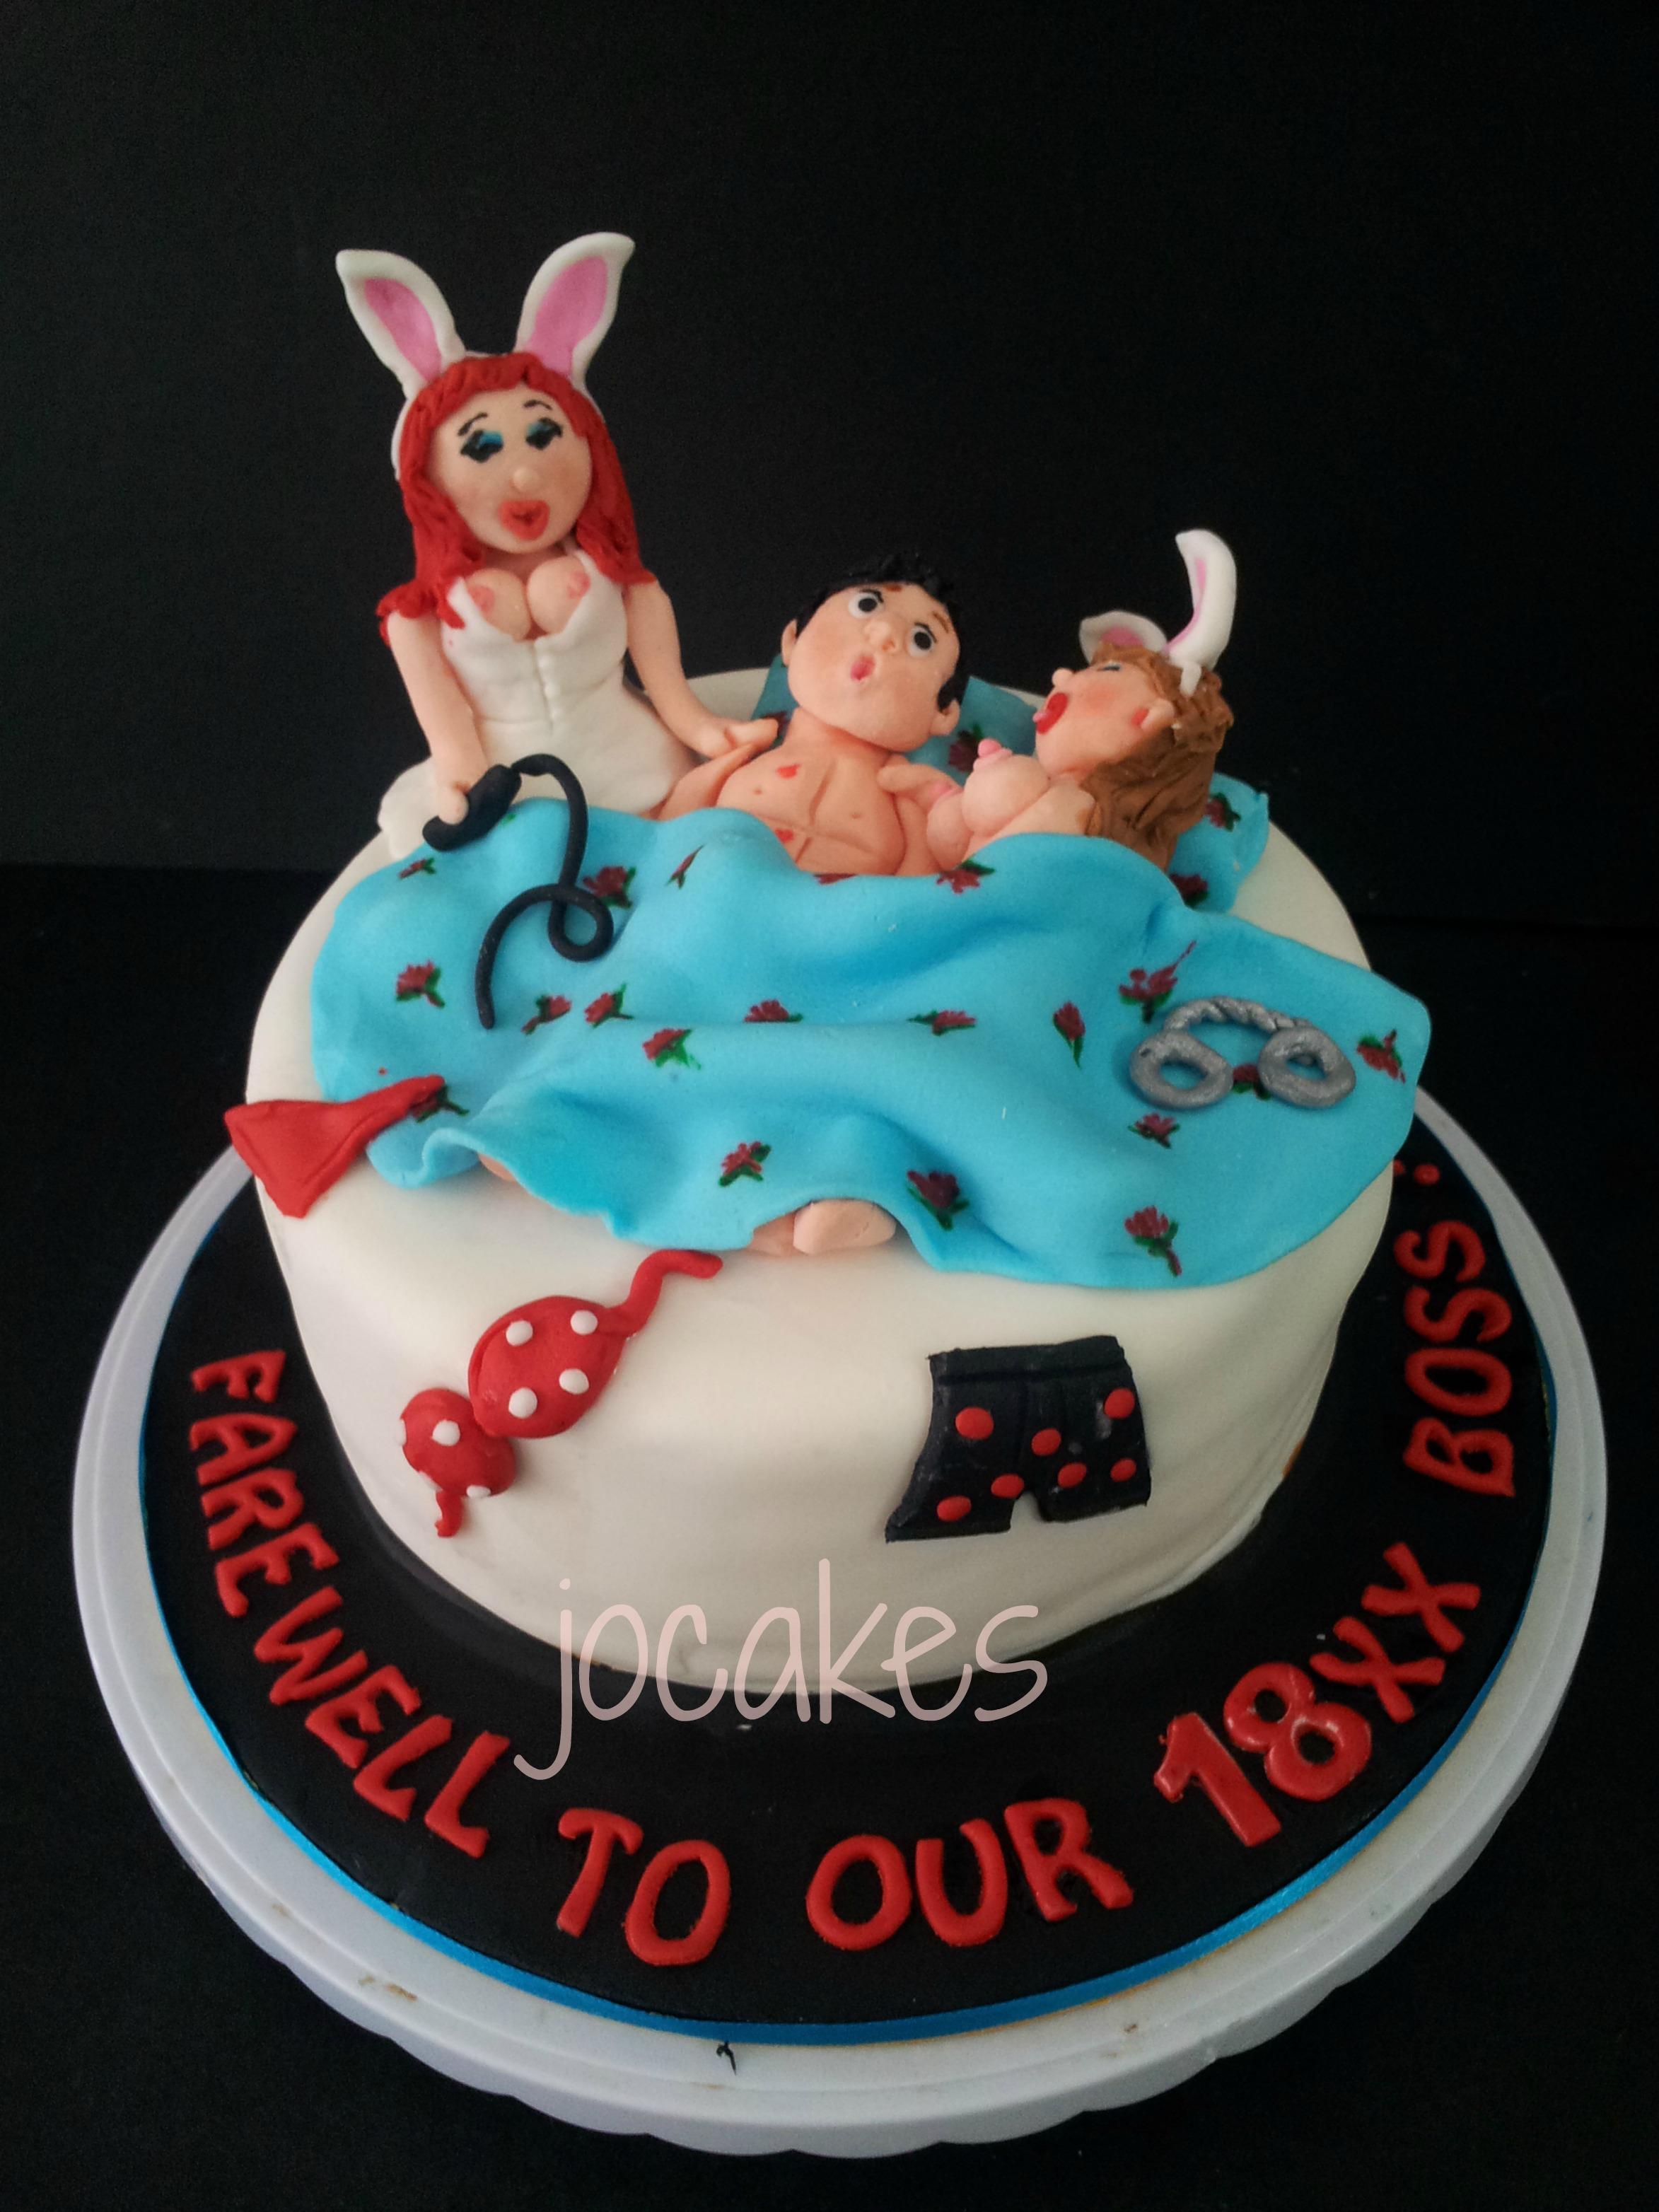 Naughty cakes  jocakes  Page 2